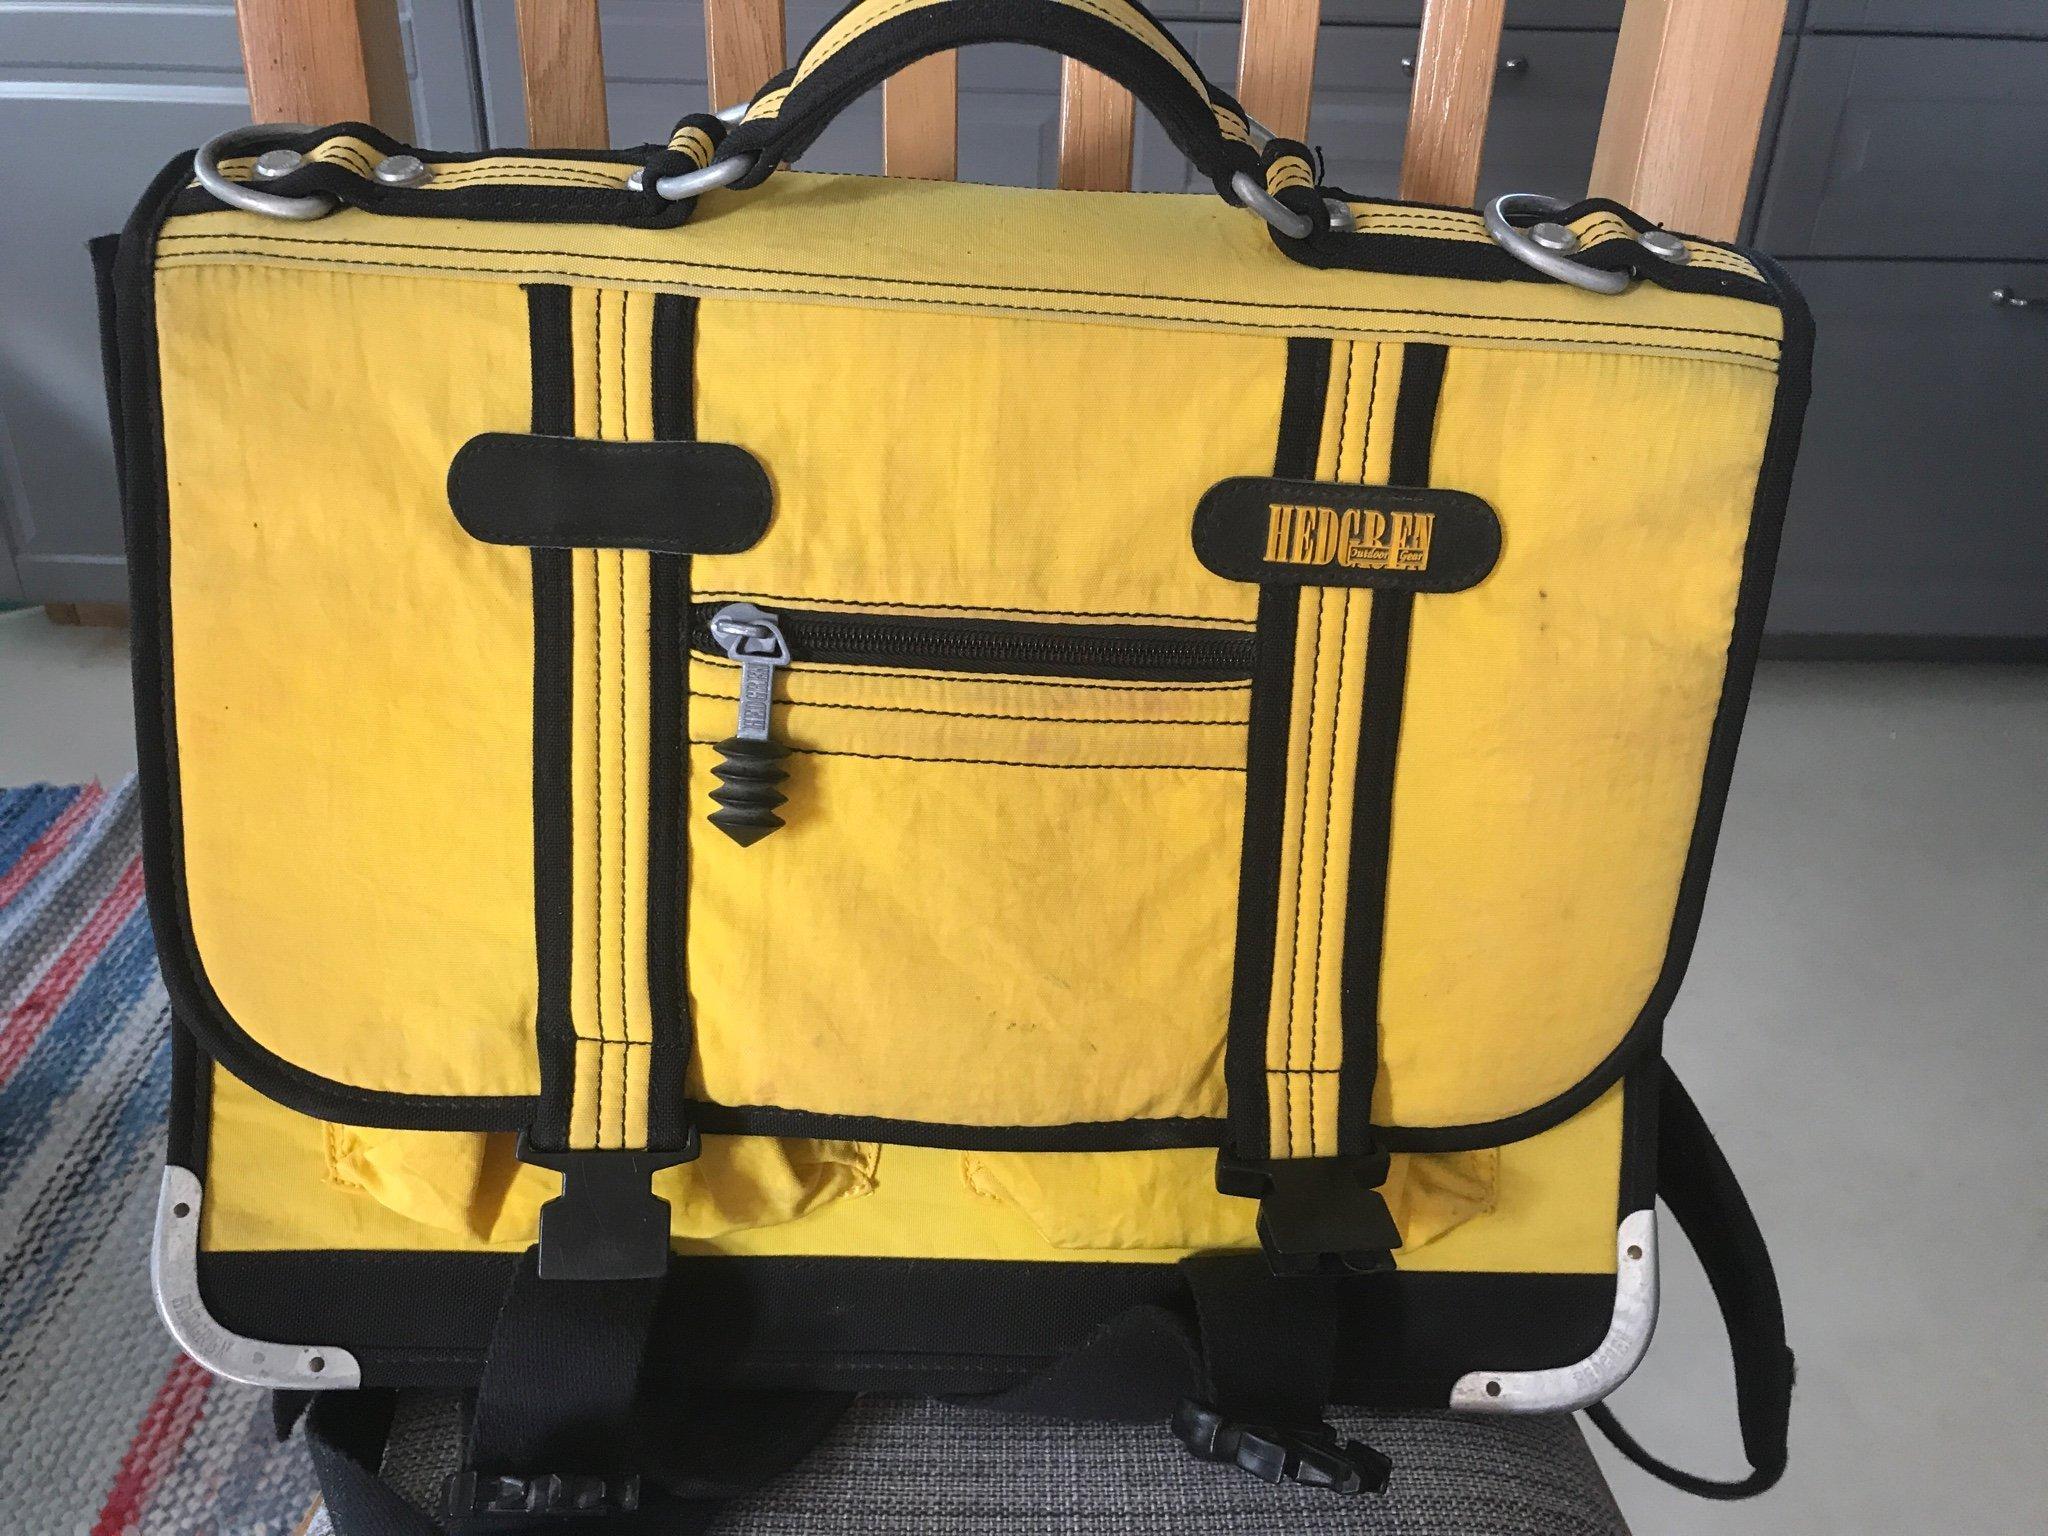 Ryggsäck, skolväska Hedgren outdoor gear (414518997) ᐈ Köp